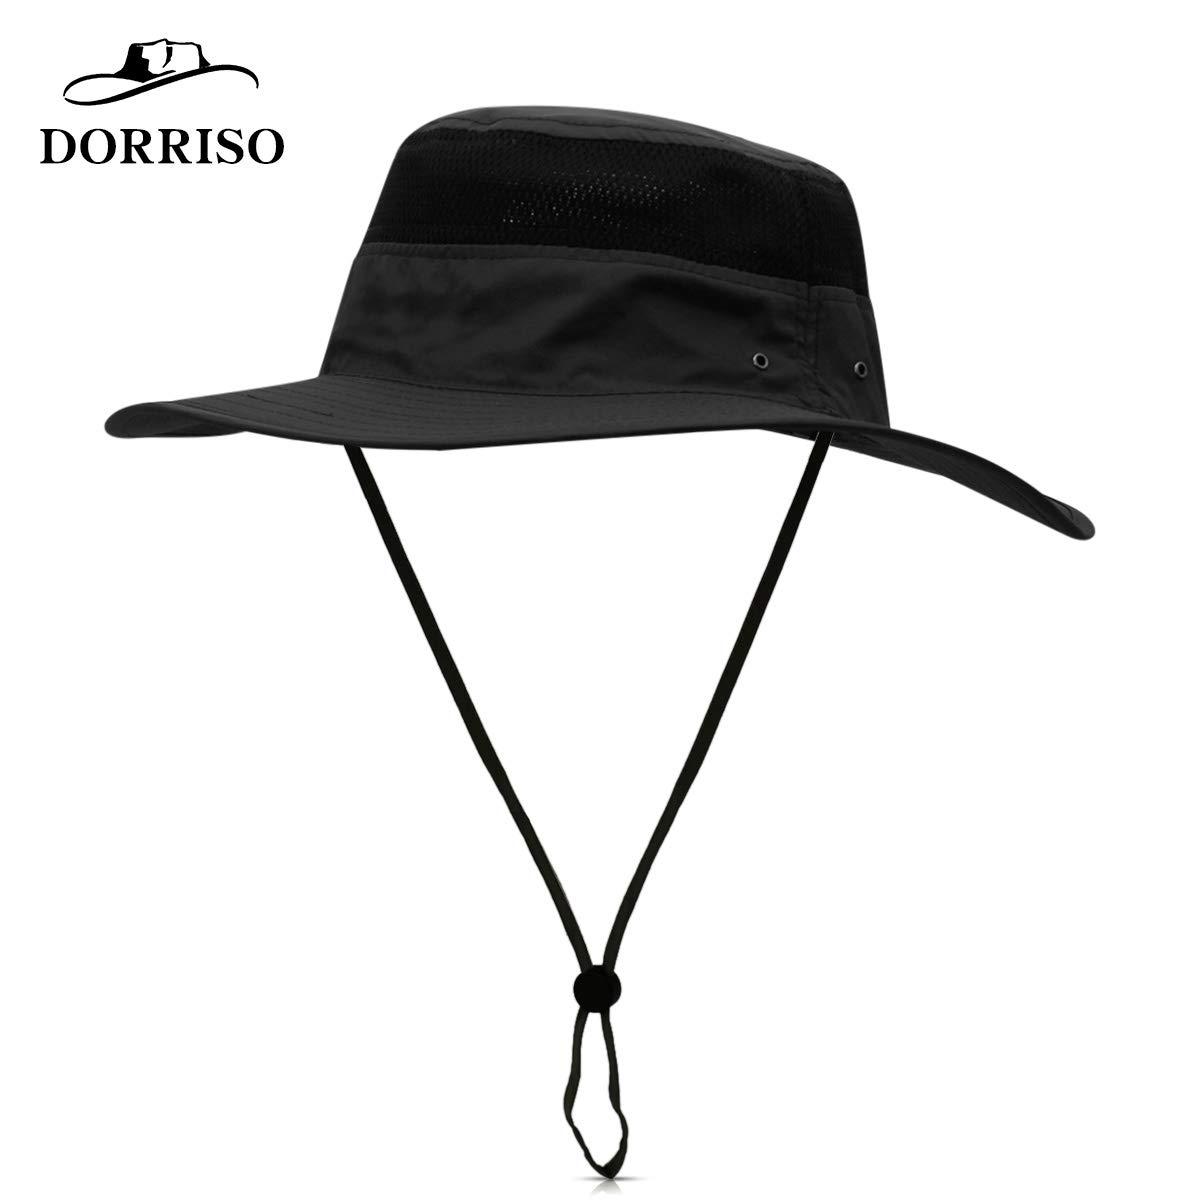 DORRISO Unisex Cappello da Pesca Antivento Protezione UV UPF 50+ attività  Escursionismo Vacanza Arrampicata Campeggio All aperto Safari Hat 9c4c817c298d